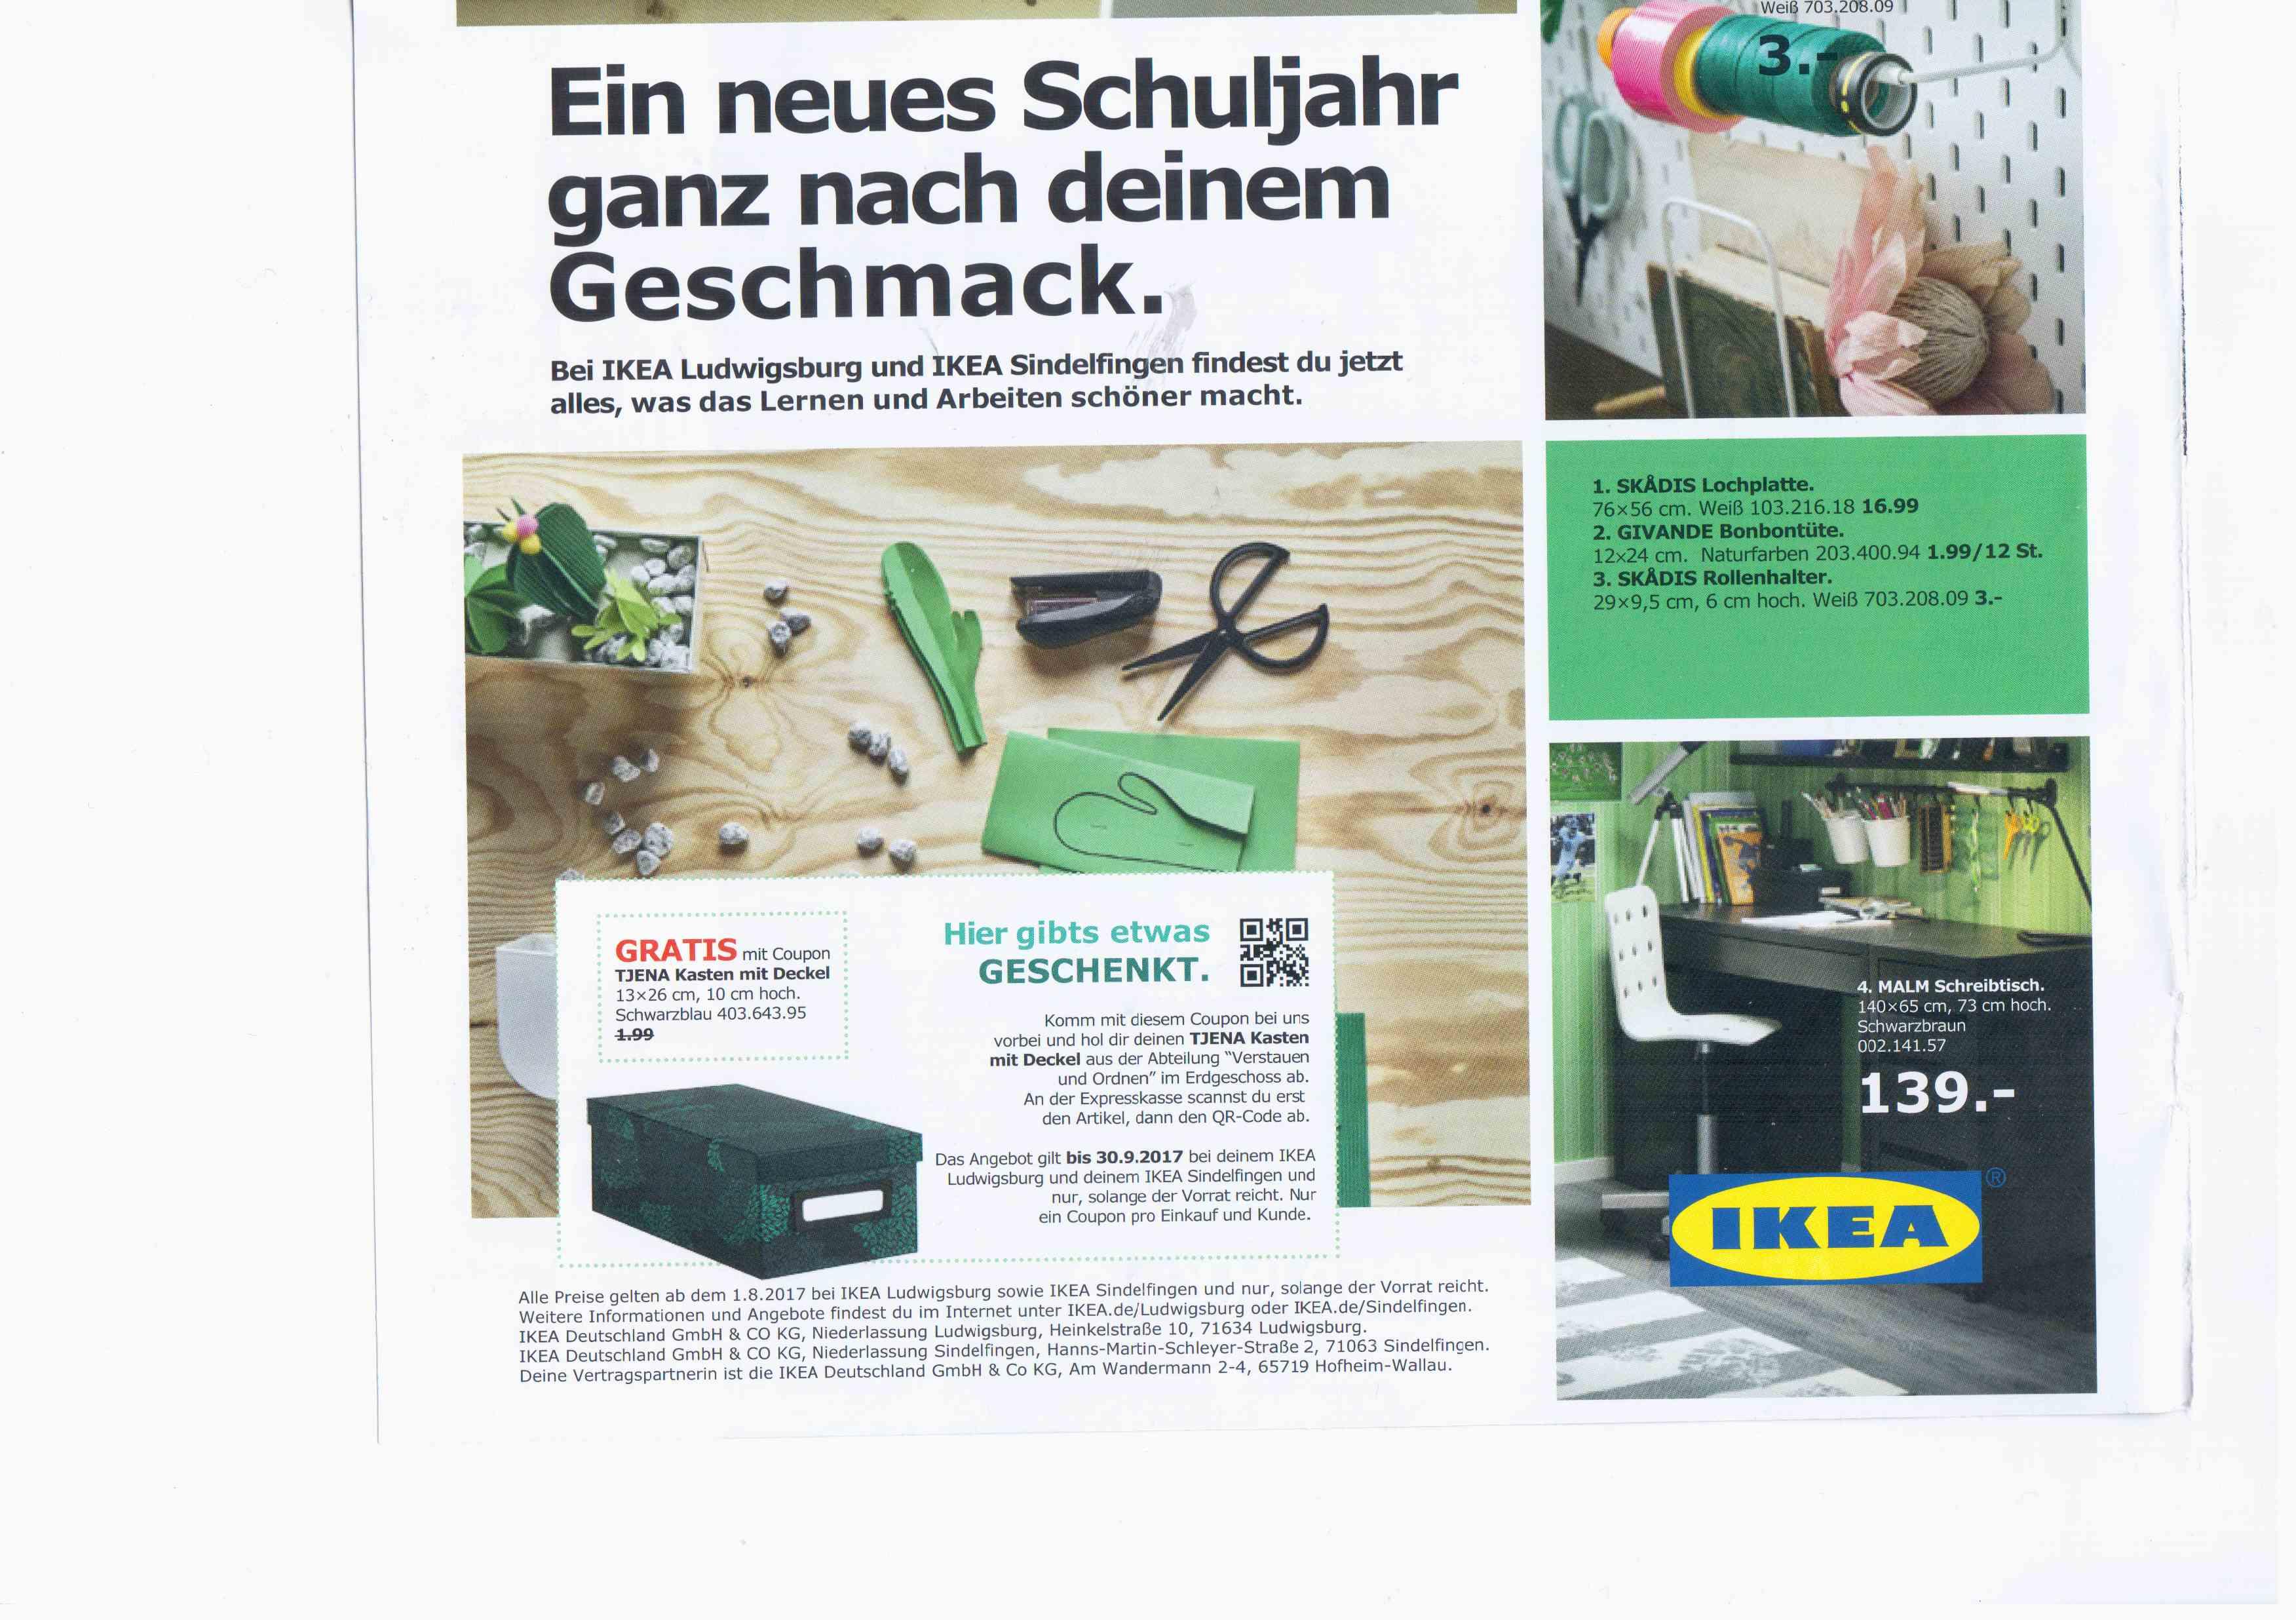 [Lokal] IKEA Ludwigsburg & Sindelfingen - Gratis TJENA Kasten mit Deckel